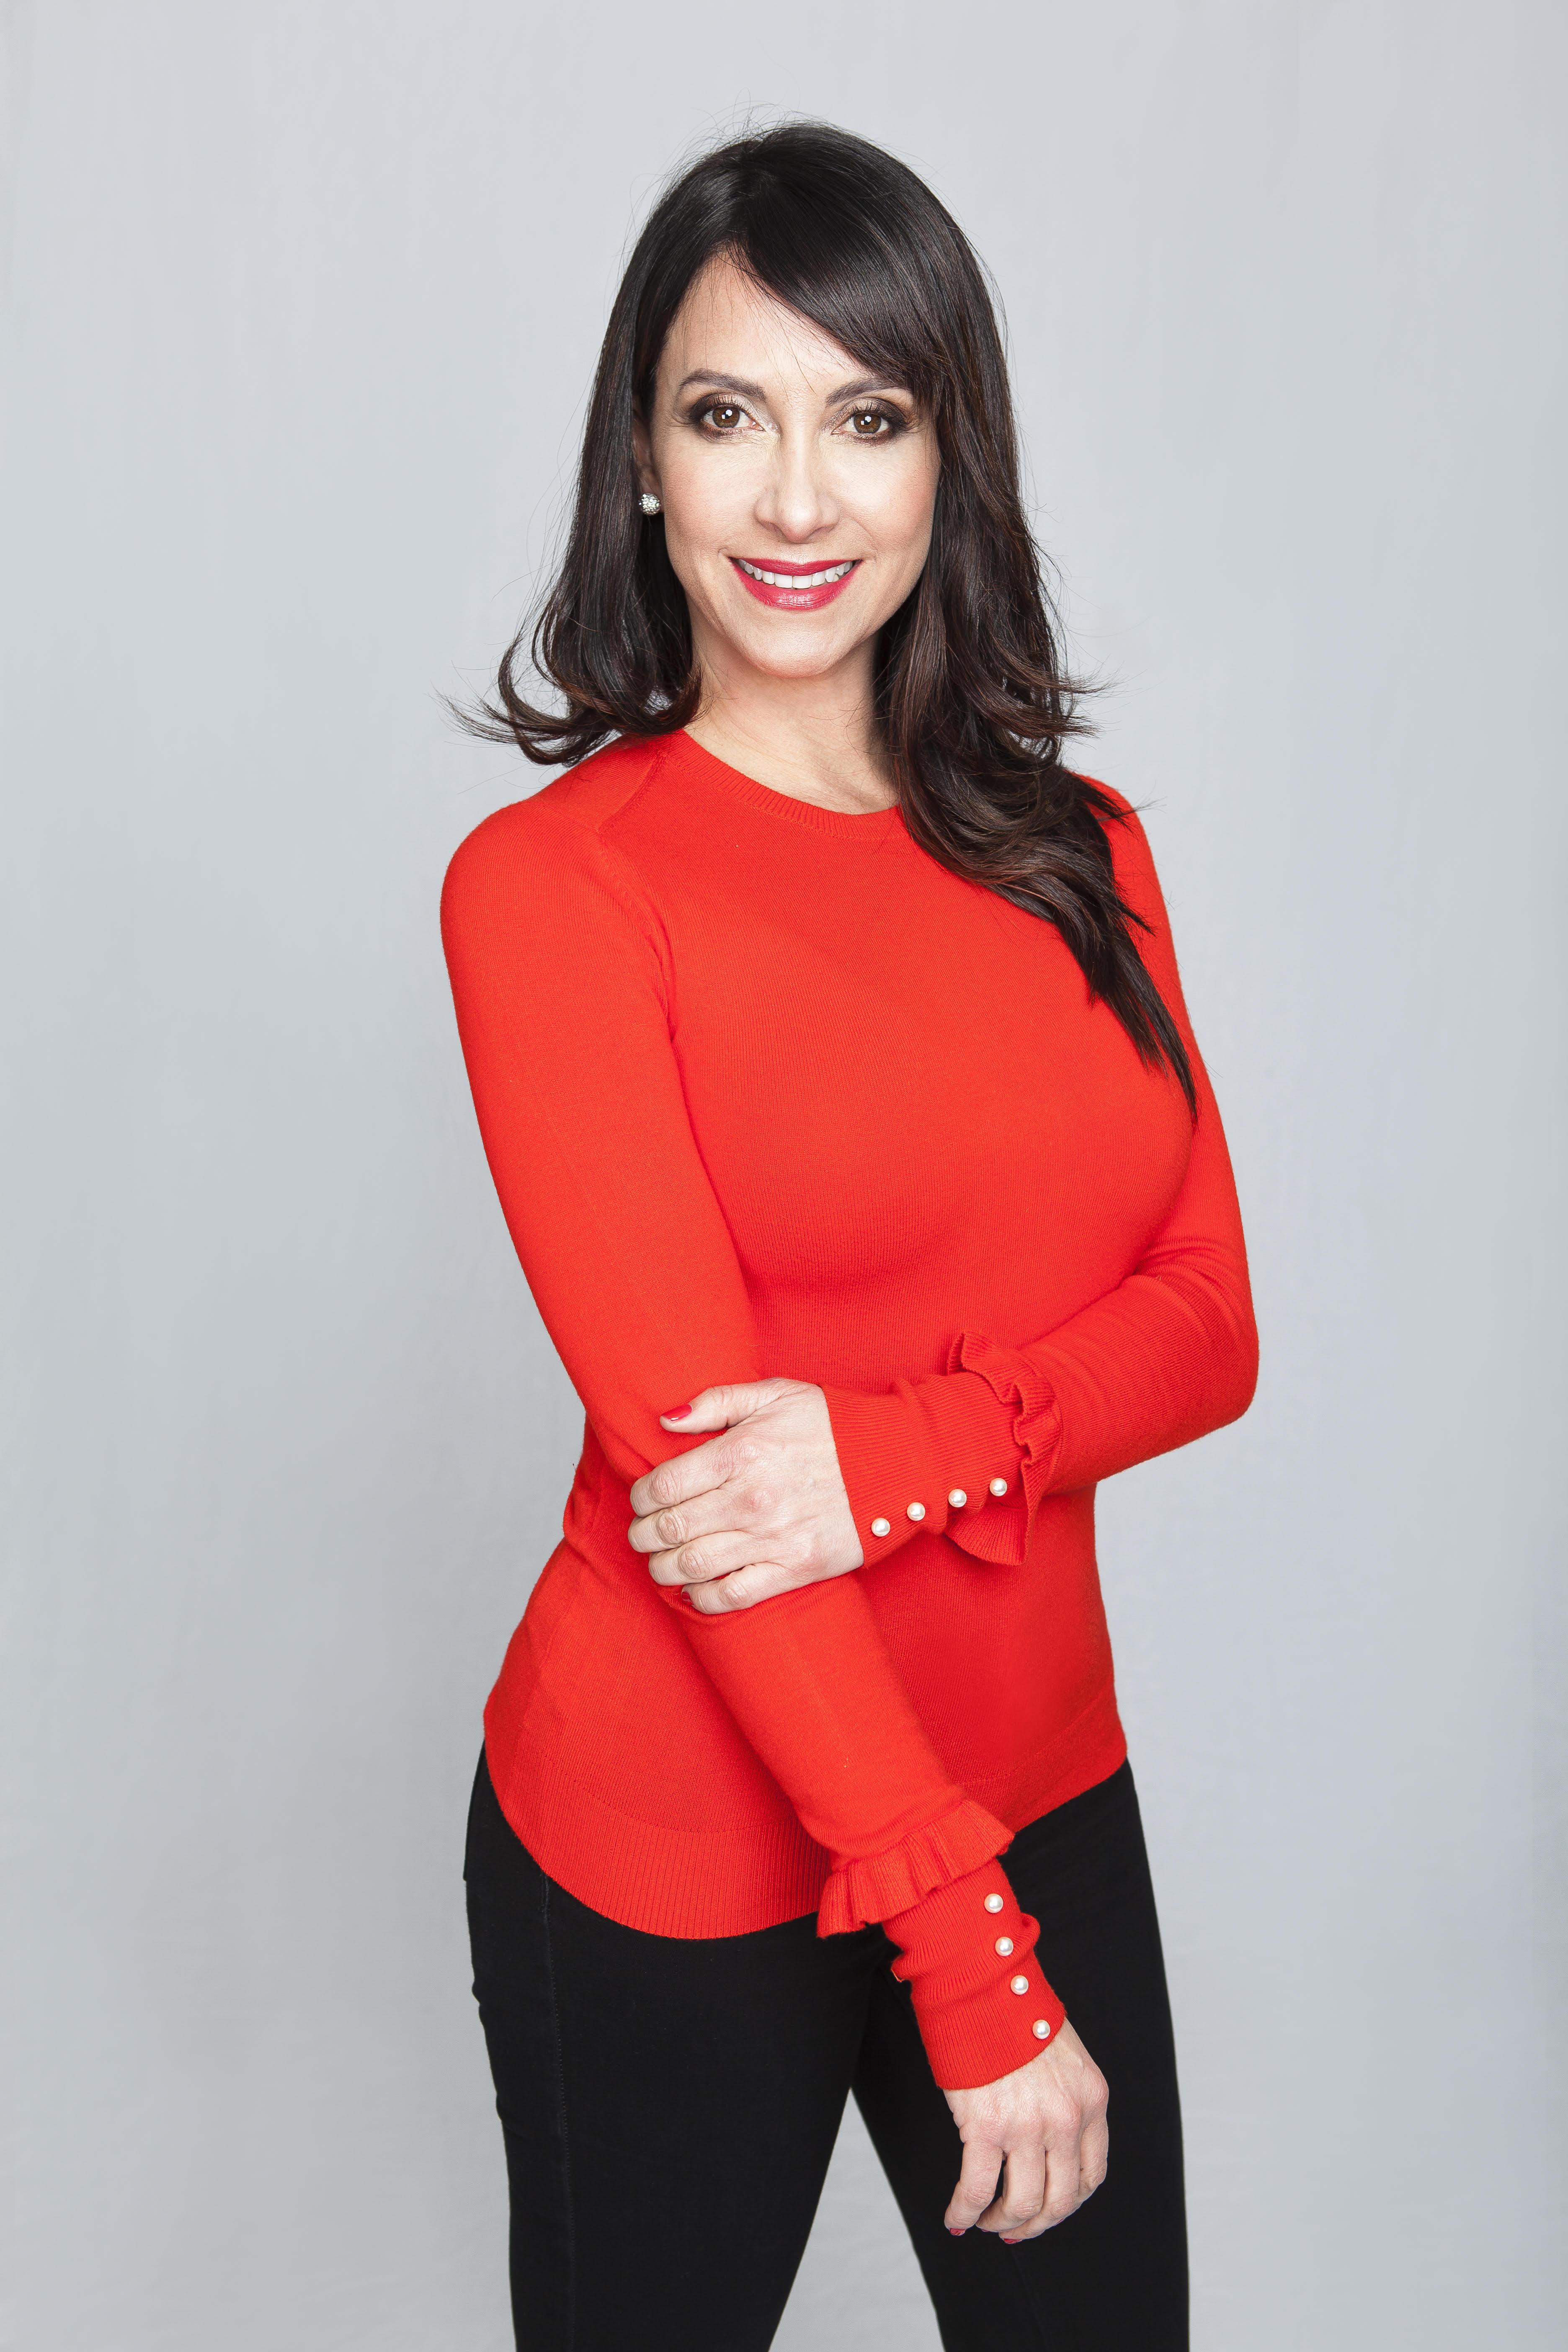 Karen Montalva